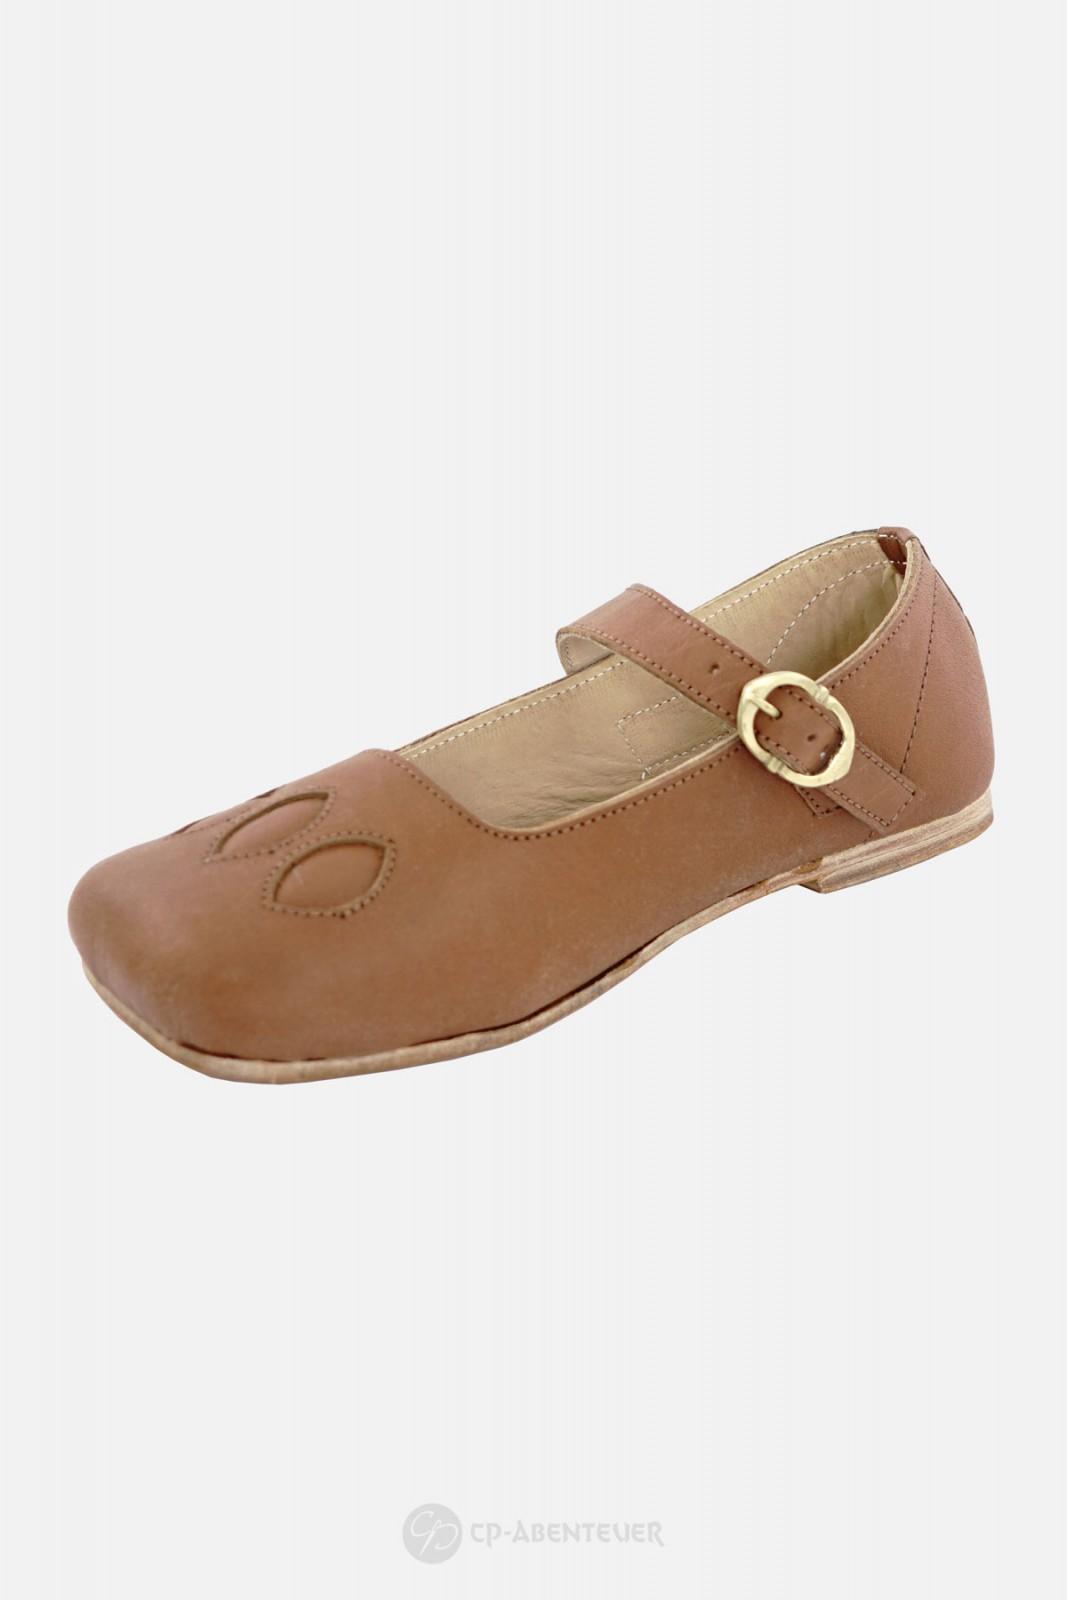 Urs Graf - Schuhe